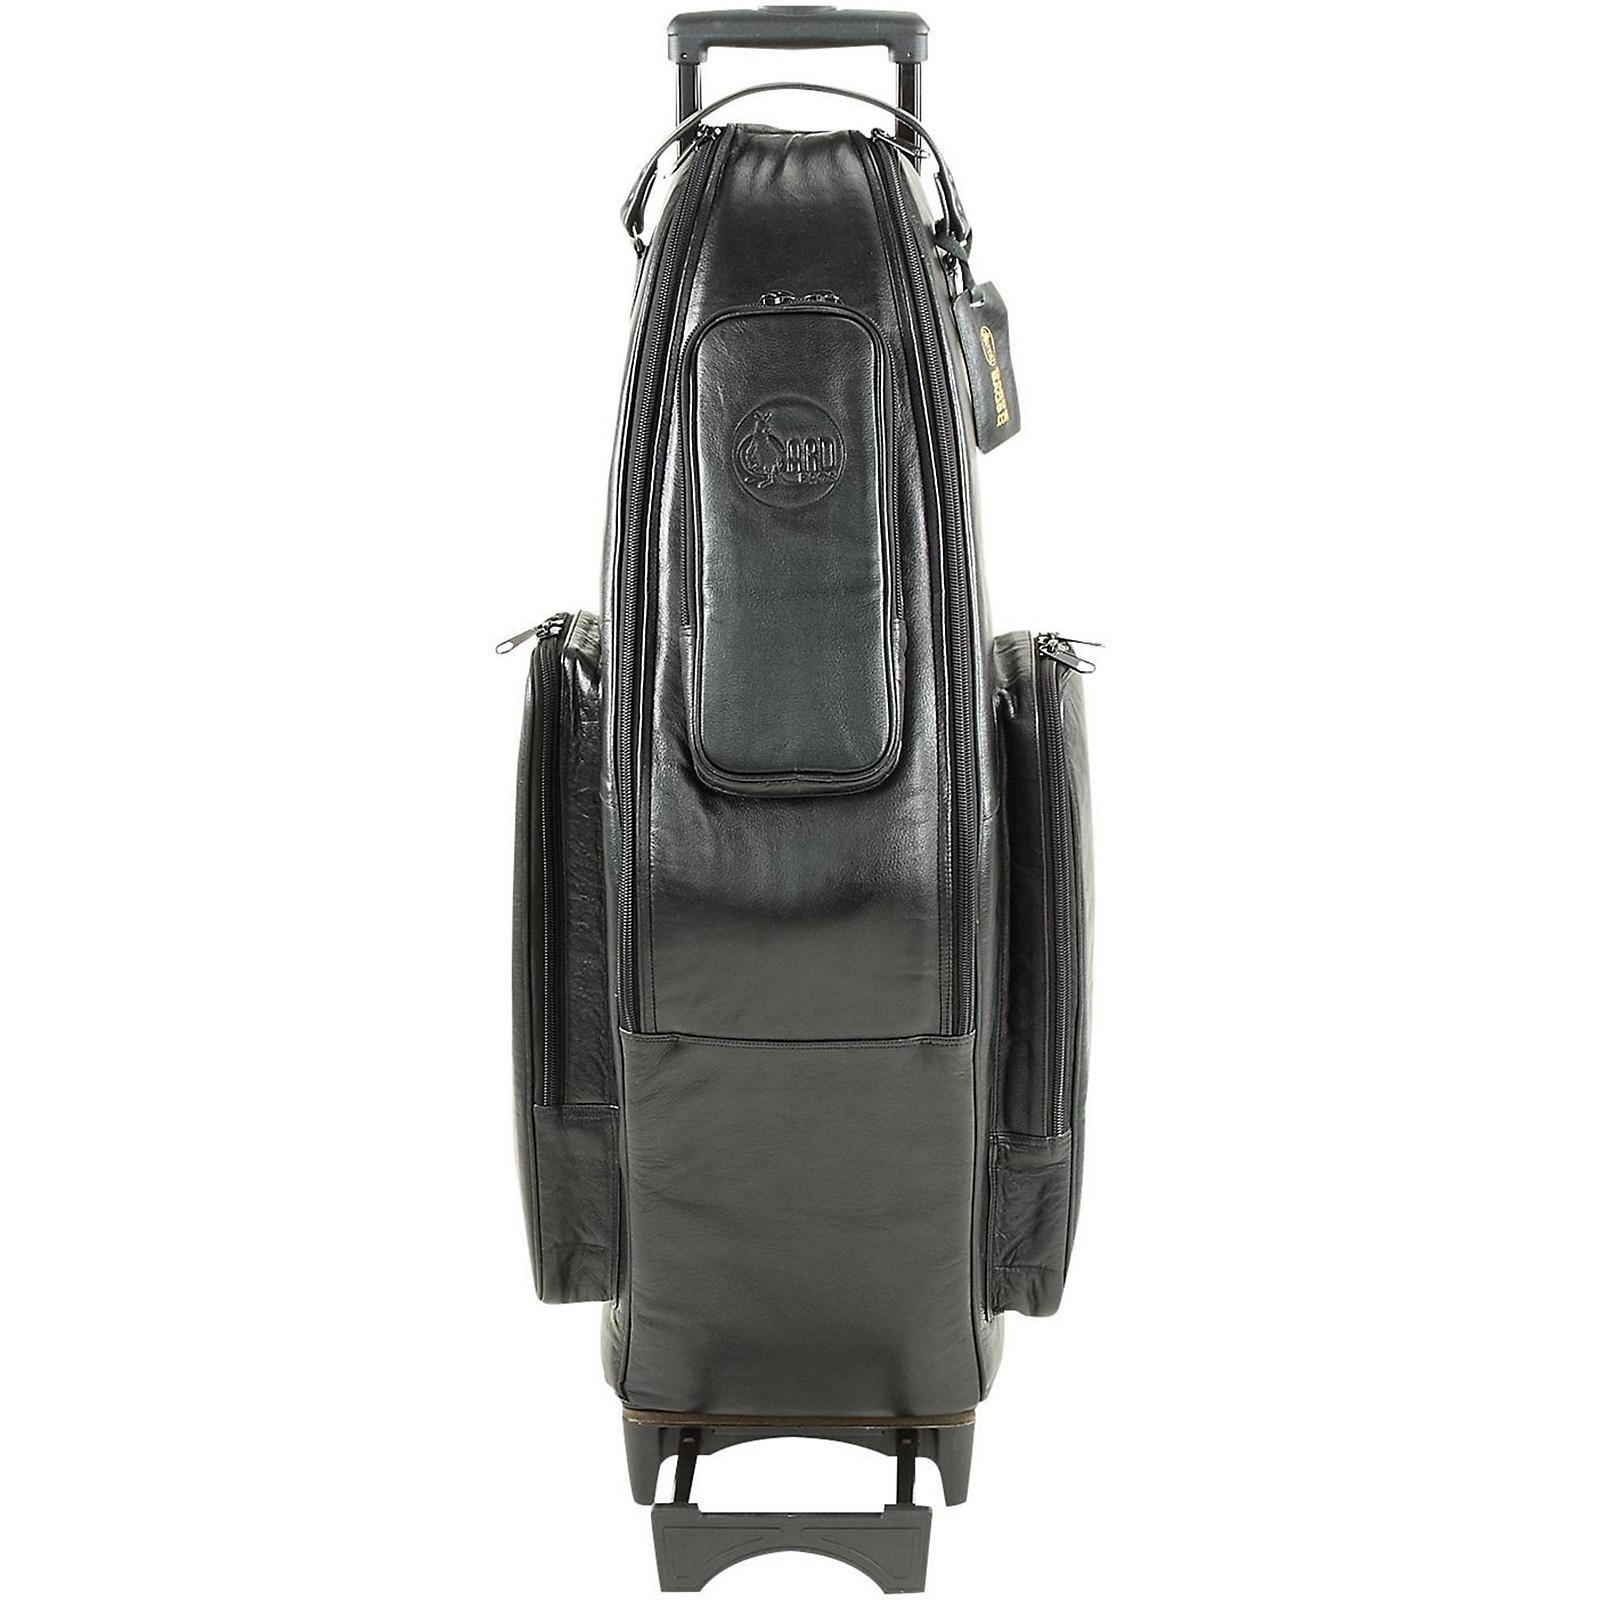 Gard Tenor Sax Wheelie Bag